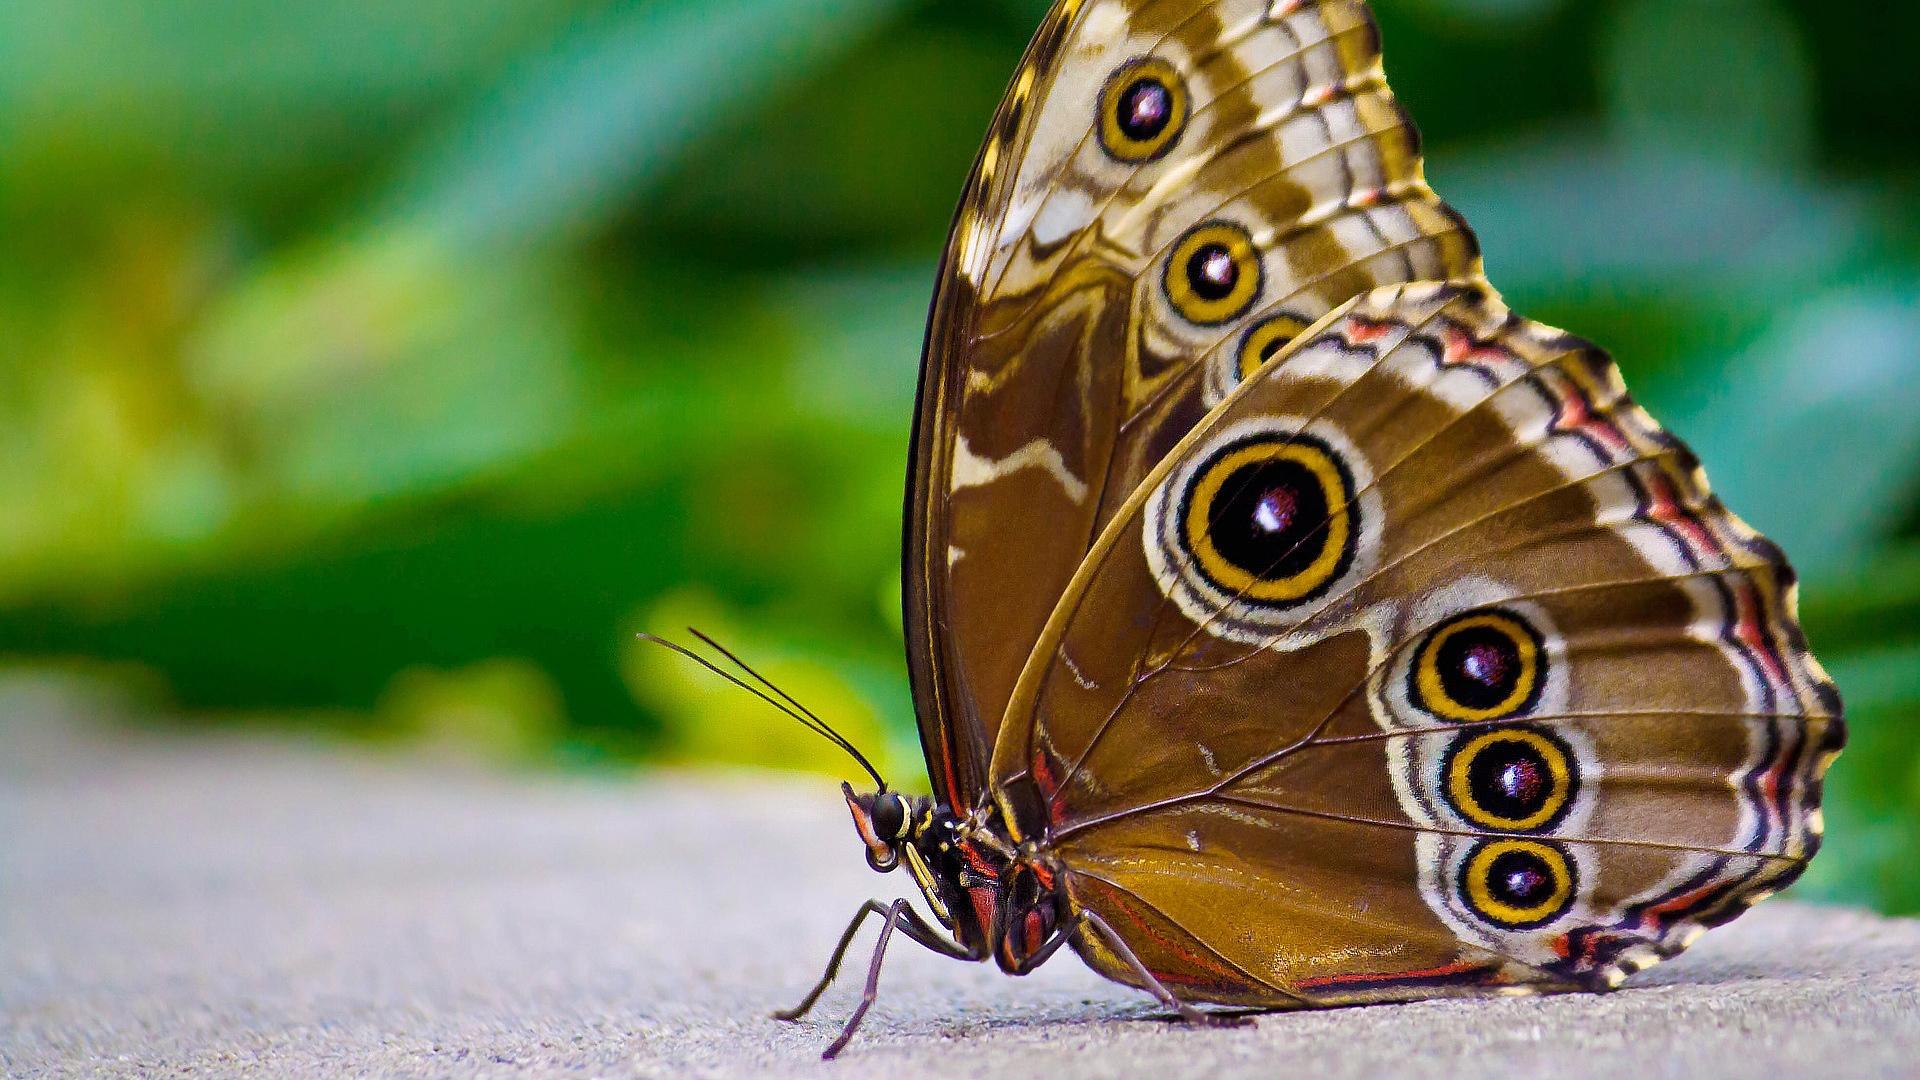 Hd Hintergrundbilder Schmetterling Braun Muster Flügel verwandt mit Schmetterling Insekt